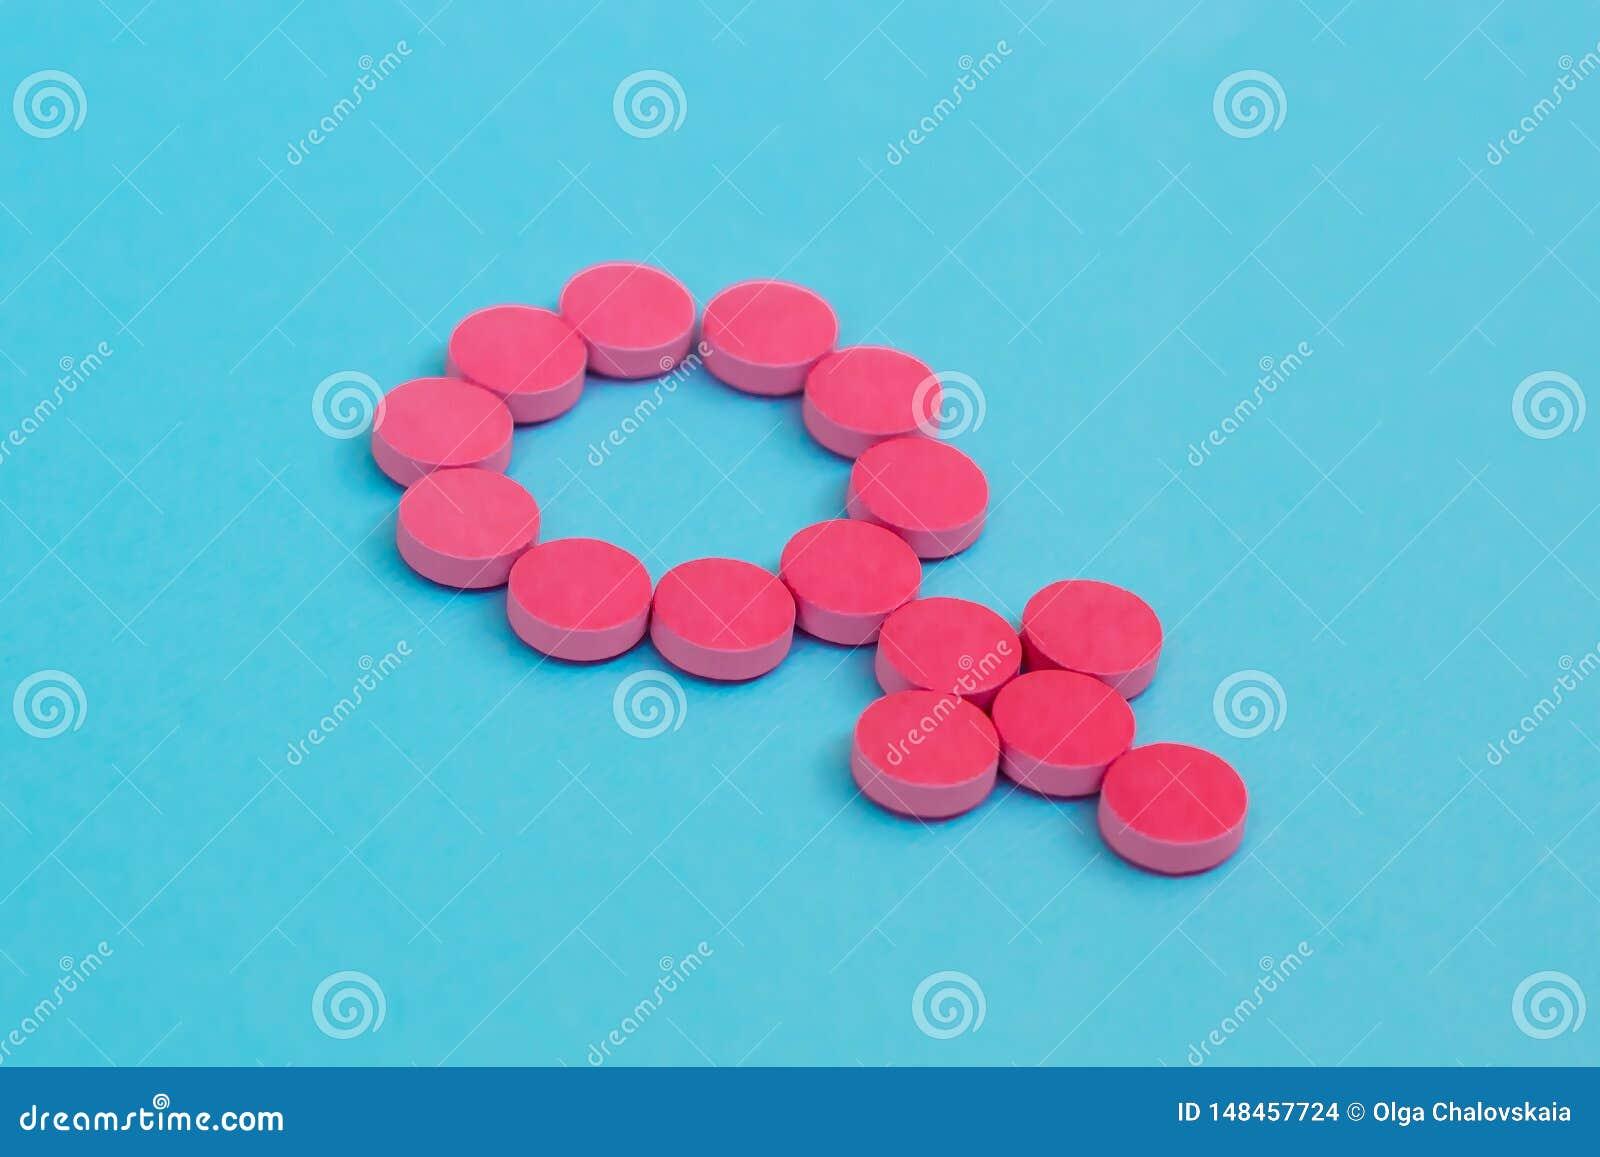 Противозачаточные таблетки как символ рода на голубой предпосылке Женская терапия инкрети